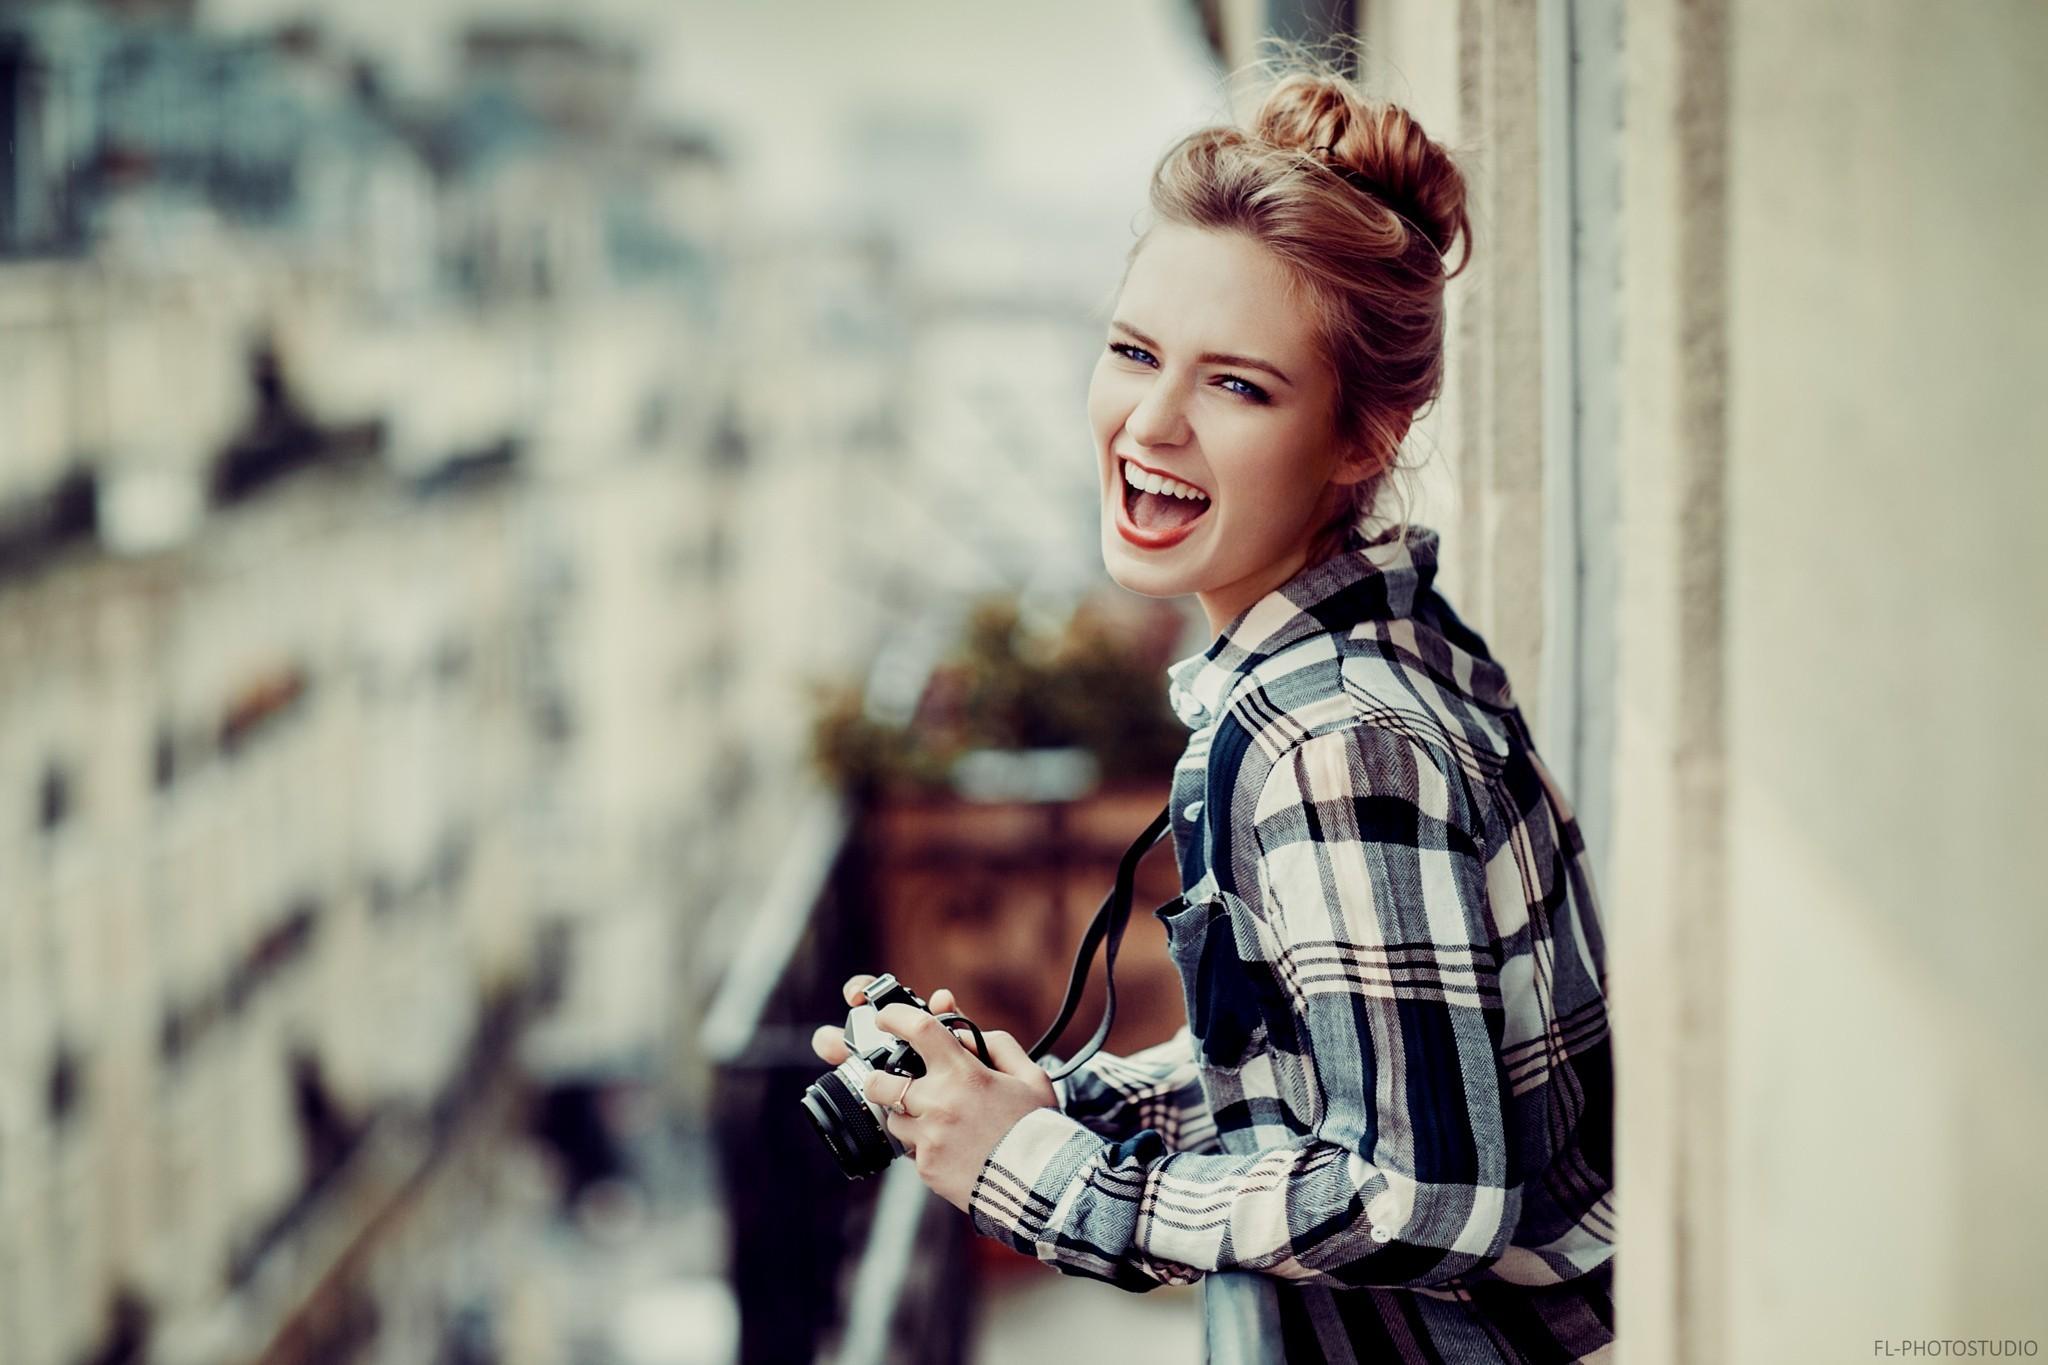 kvinnor modell porträtt fotografi klänning Eva Mikulski Lods Franck mönster  mode hår vår barn flicka skönhet 8851f1abec5fb